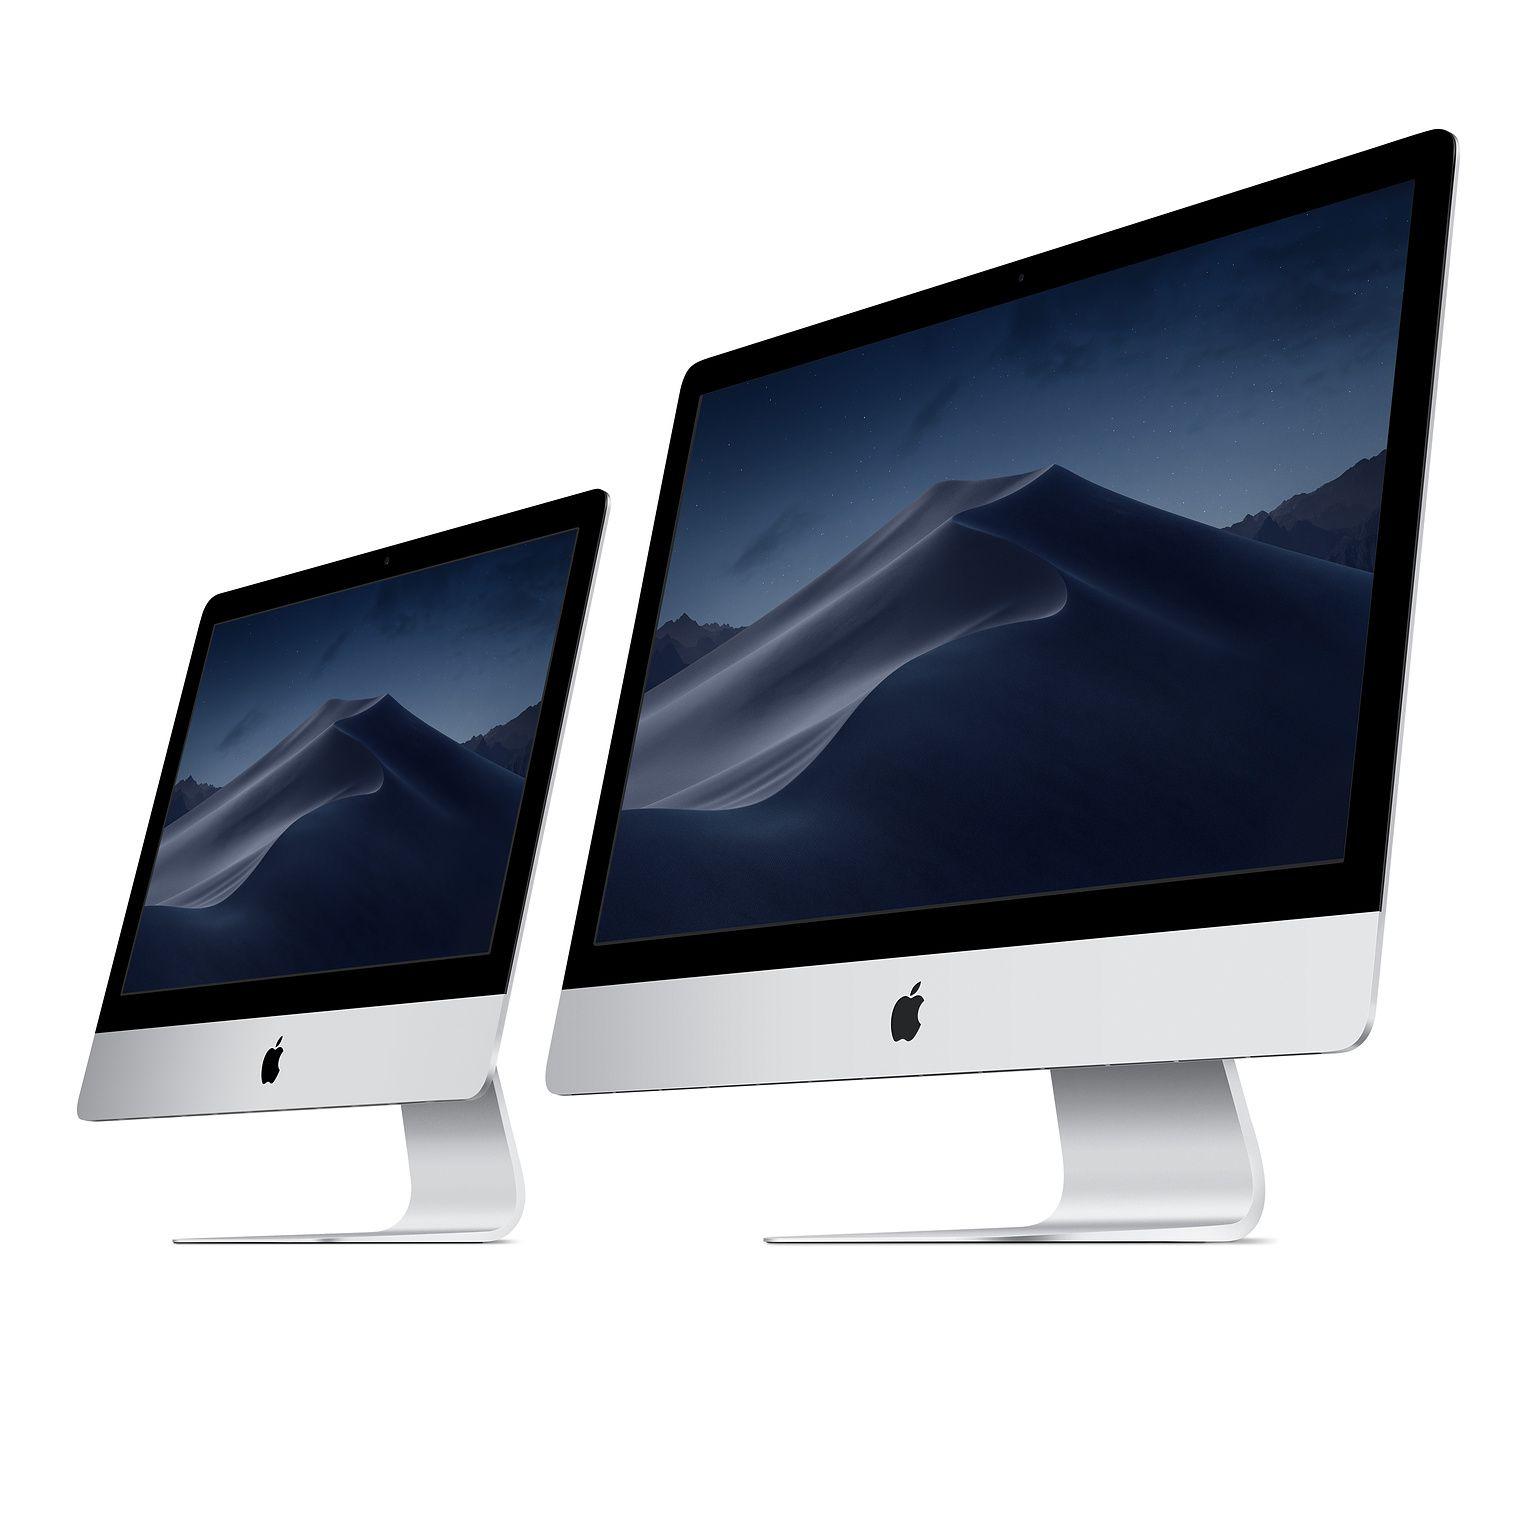 Podłącz Mac mini do Imaca